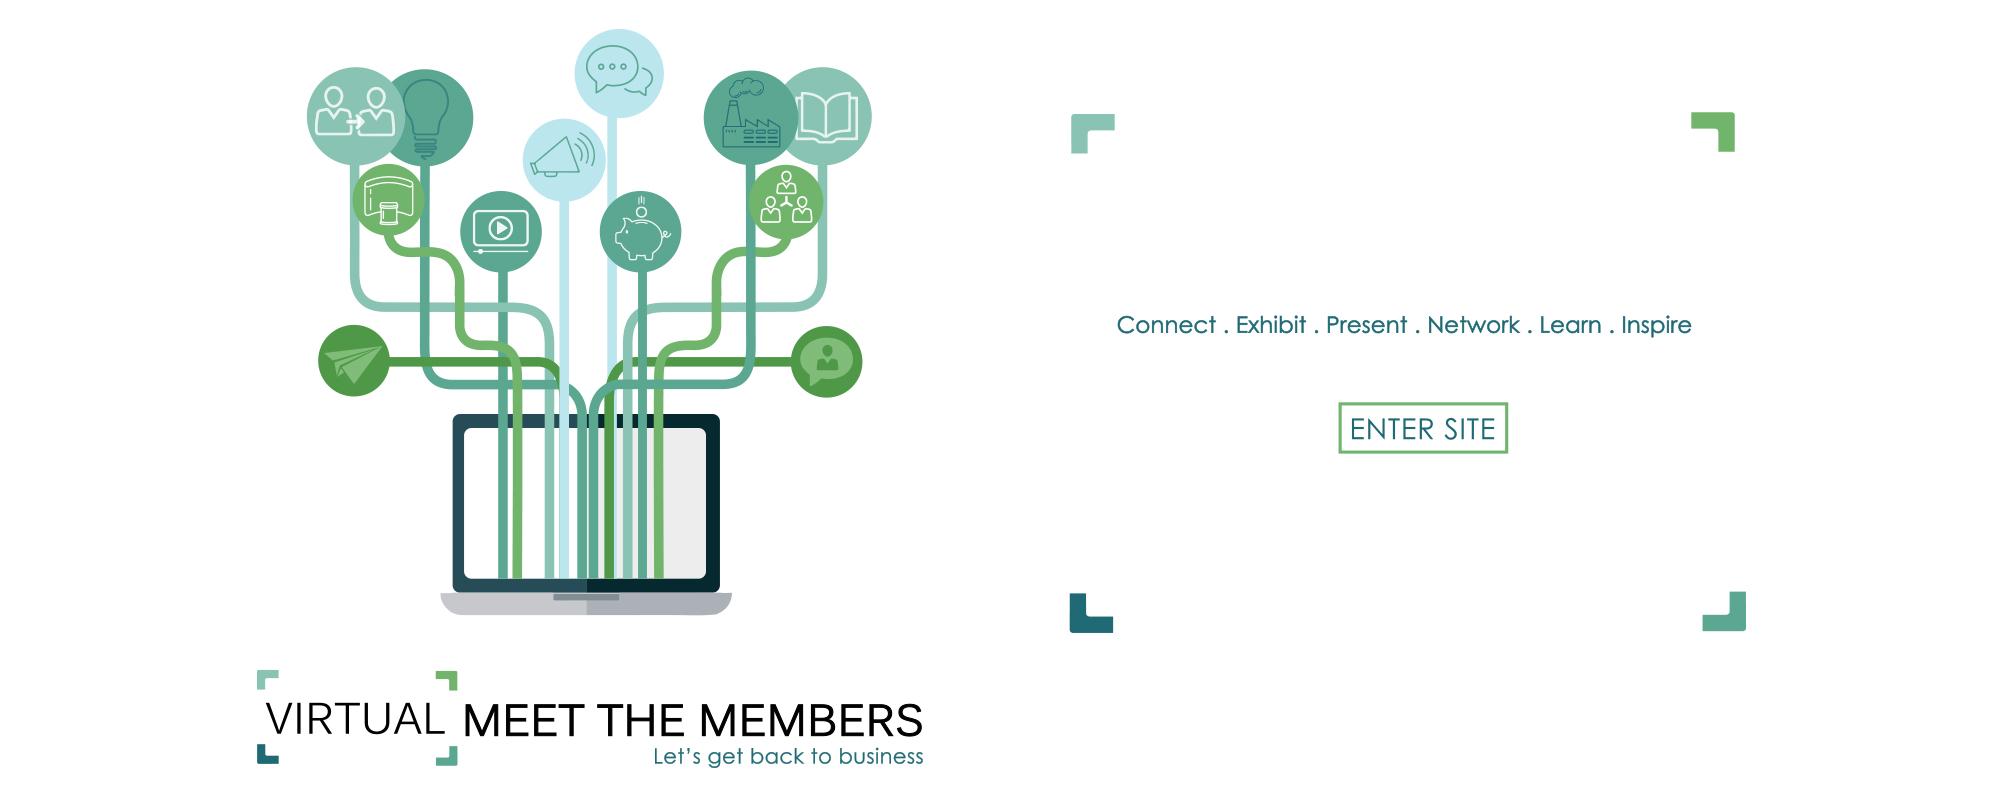 Meet the Members 2020